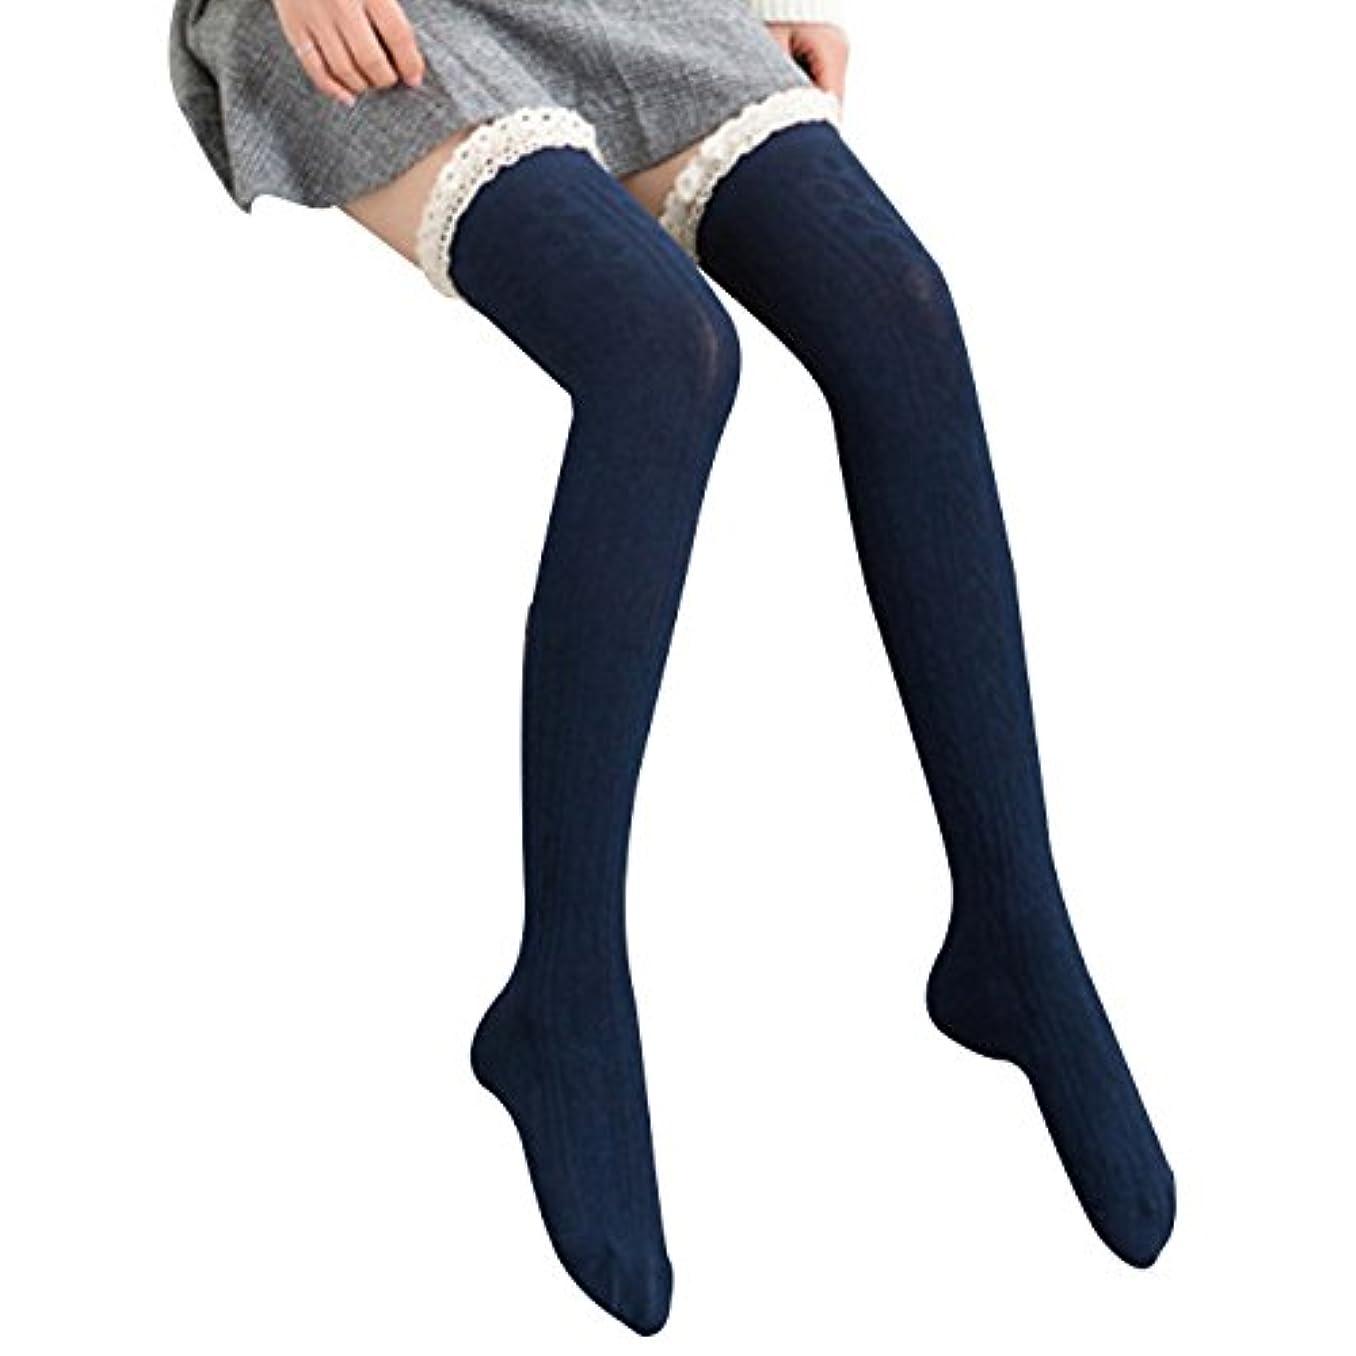 ピルファーフォロー賛美歌オーバーニーソックス 美脚 着圧 スッキリ サイハイソックス ニーハイ ストッキング ロングソックス レディース 靴下 かわいい